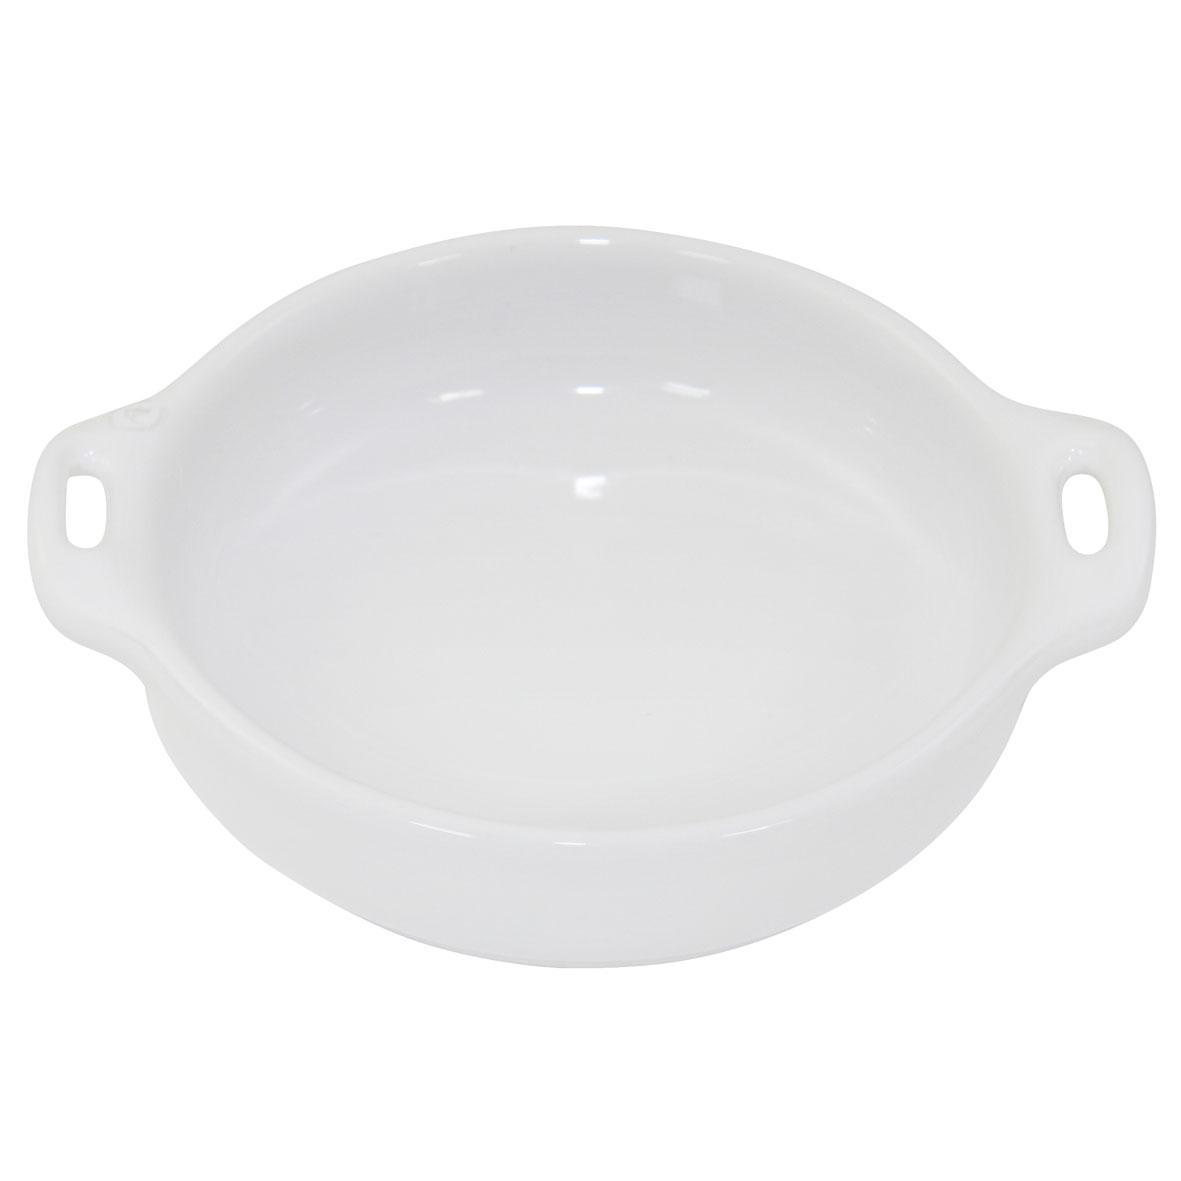 Eurodib USA 223516001 creme brulee / flan dish, china